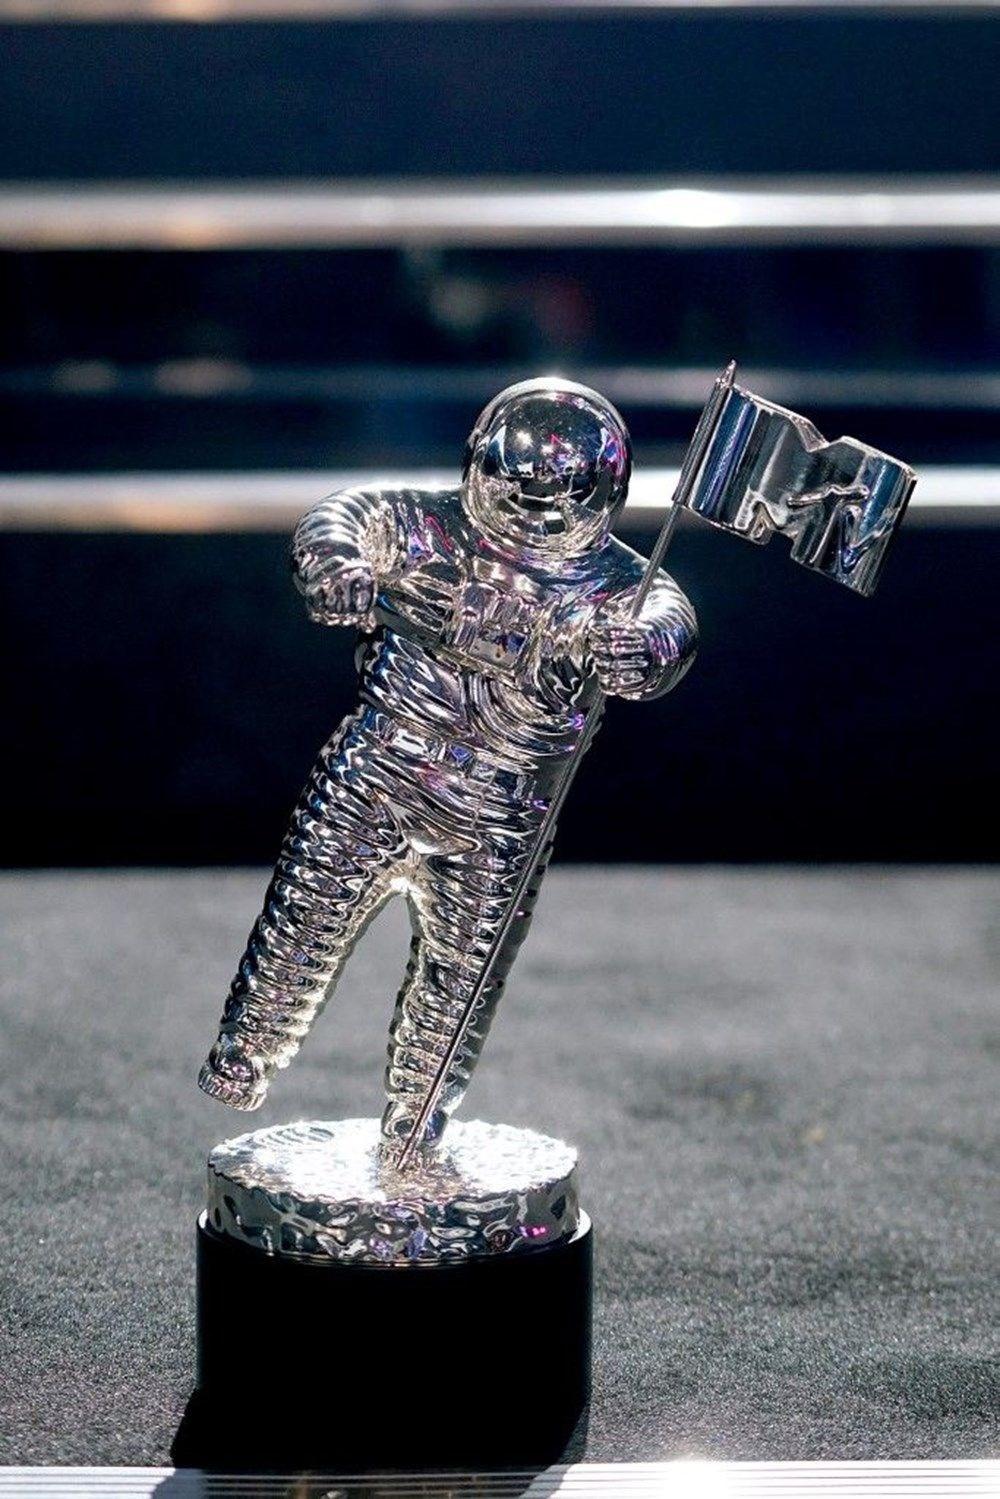 2020 MTV Video Müzik Ödülleri sahiplerini buldu - 8